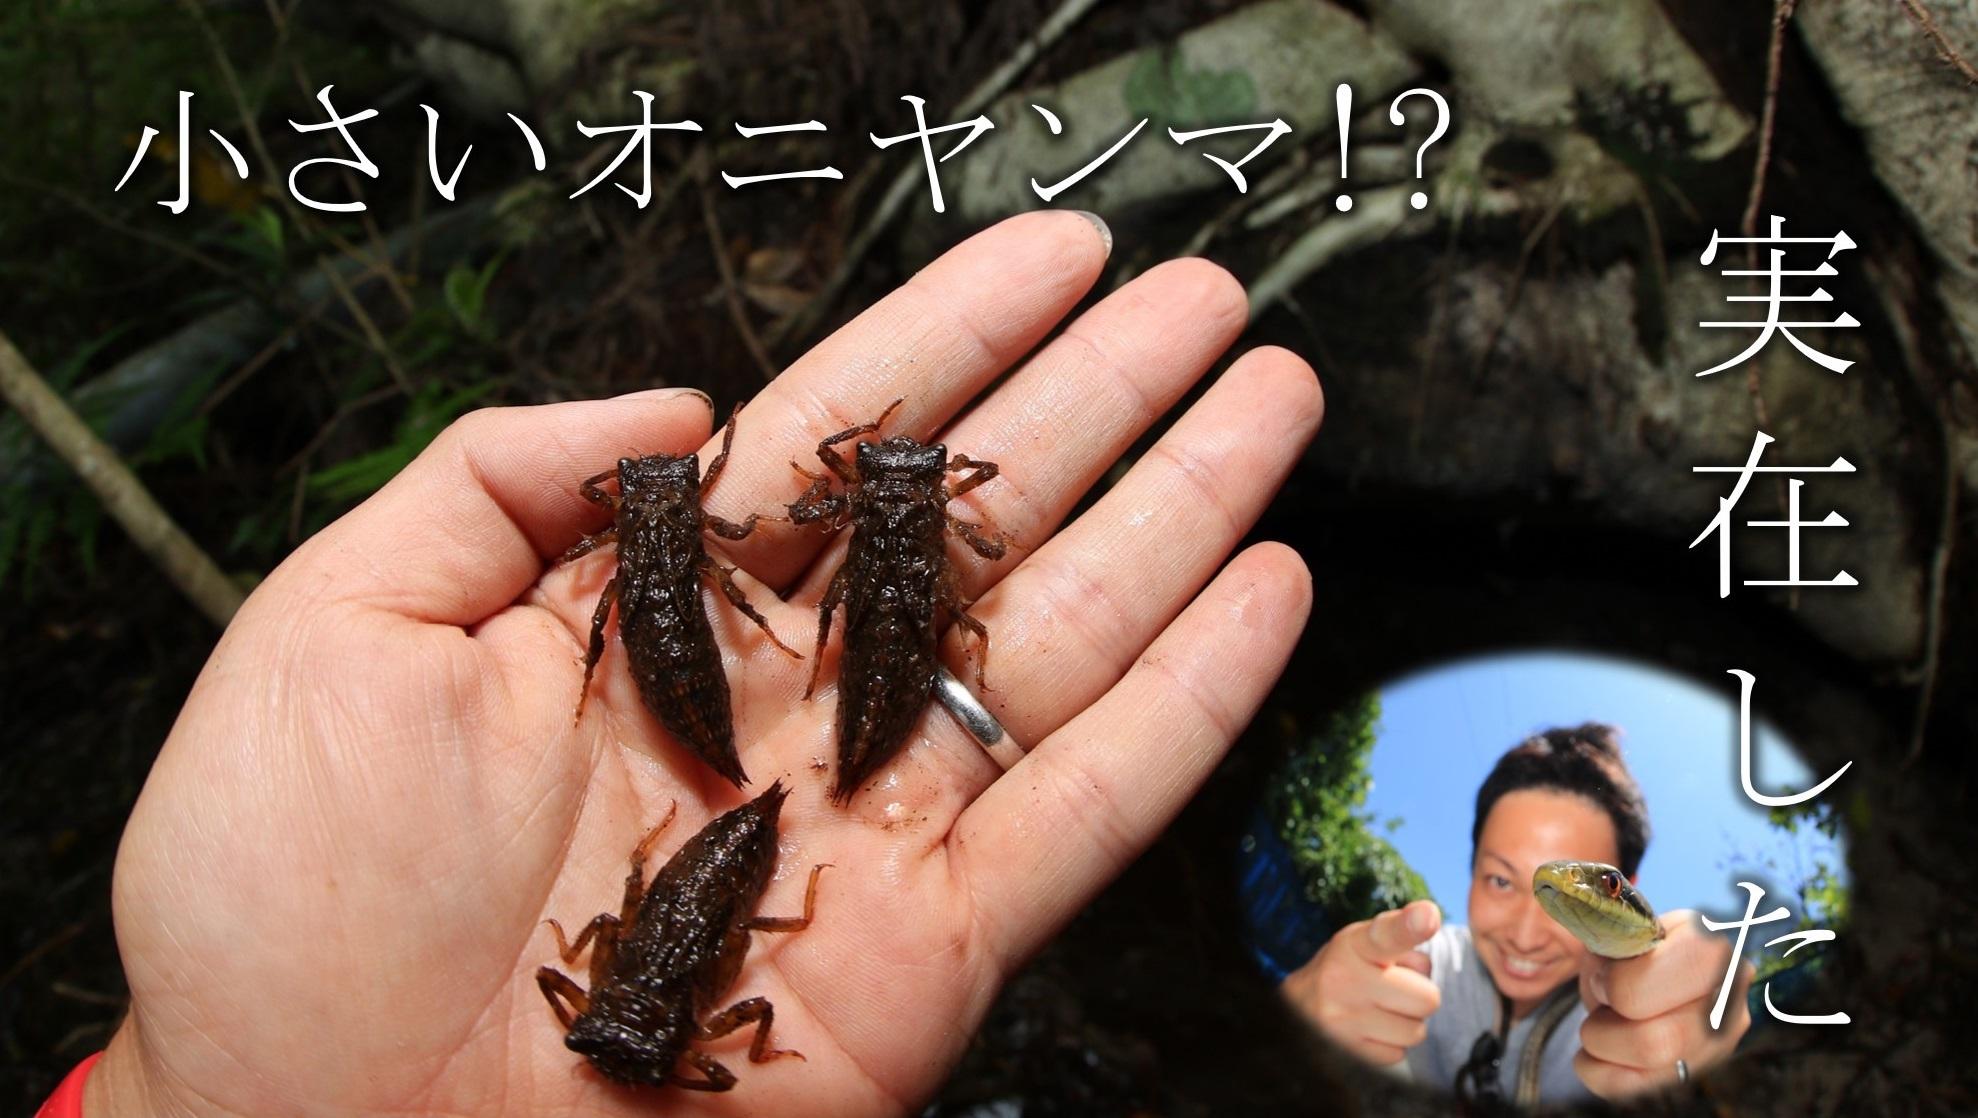 こんな小さなオニヤンマがいる?~伊豆諸島のオニヤンマ~_a0386621_12025150.jpg